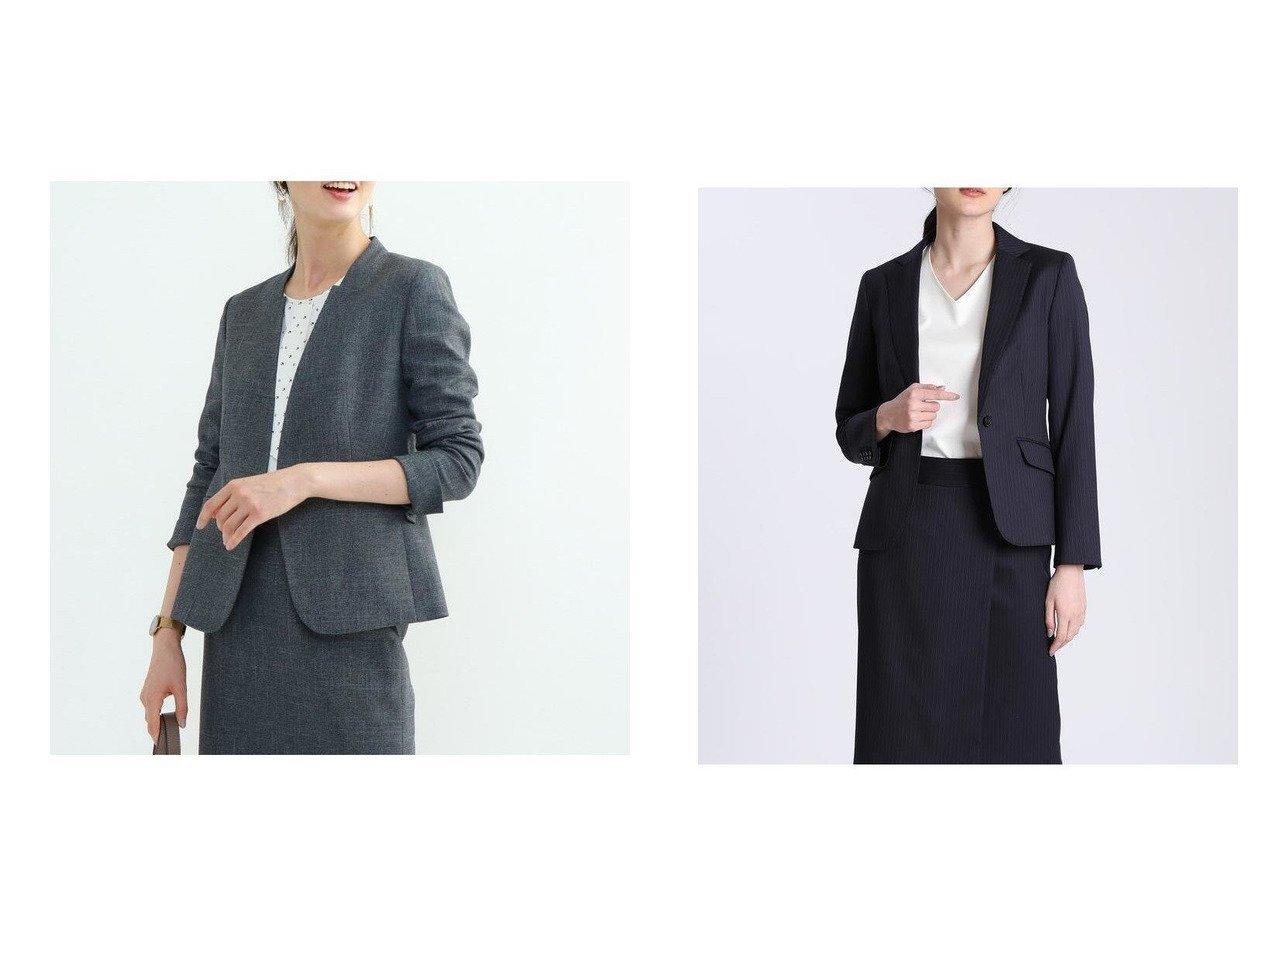 【INED/イネド】のピンストライプテーラードジャケット&【INDIVI/インディヴィ】の【マシンウォッシュ/吸水速乾】ツムギートツイルノーカラージャケット アウターのおすすめ!人気、レディースファッションの通販 おすすめで人気のファッション通販商品 インテリア・家具・キッズファッション・メンズファッション・レディースファッション・服の通販 founy(ファニー) https://founy.com/ ファッション Fashion レディース WOMEN アウター Coat Outerwear ジャケット Jackets ノーカラージャケット No Collar Leather Jackets スーツ Suits スーツ ジャケット Jacket テーラードジャケット Tailored Jackets 吸水 ジャケット ストレッチ スマホ スリット スーツ セットアップ フォーマル ポケット ストライプ ベーシック マニッシュ |ID:crp329100000001255